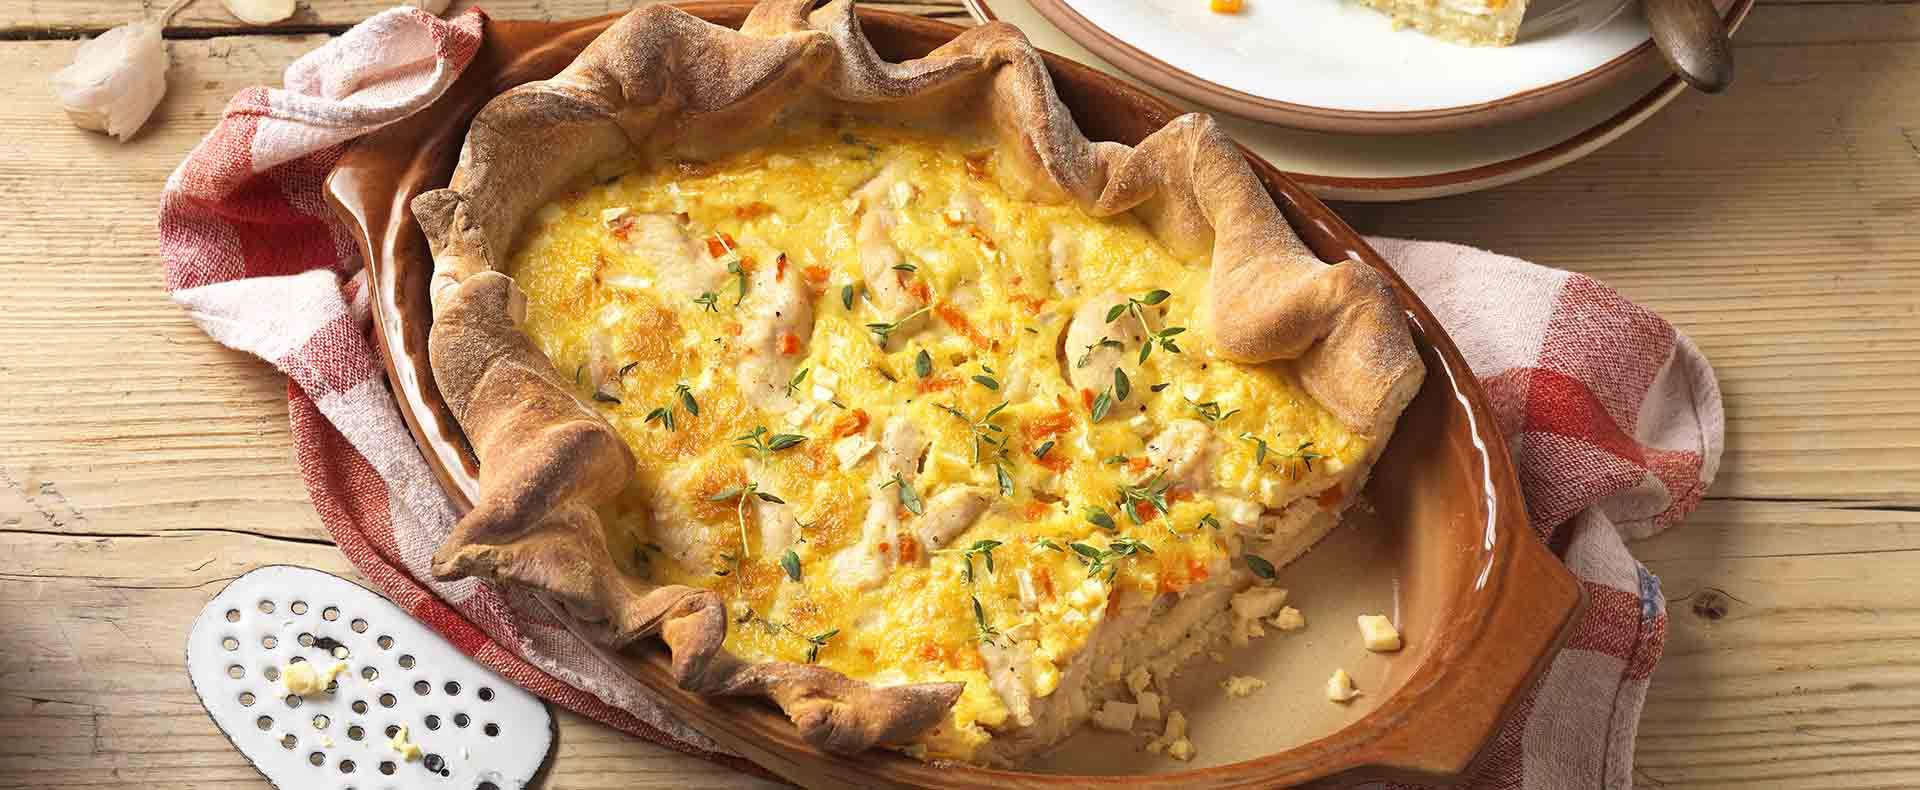 Rezept Ungarische Hühnerwähe Tante Fanny